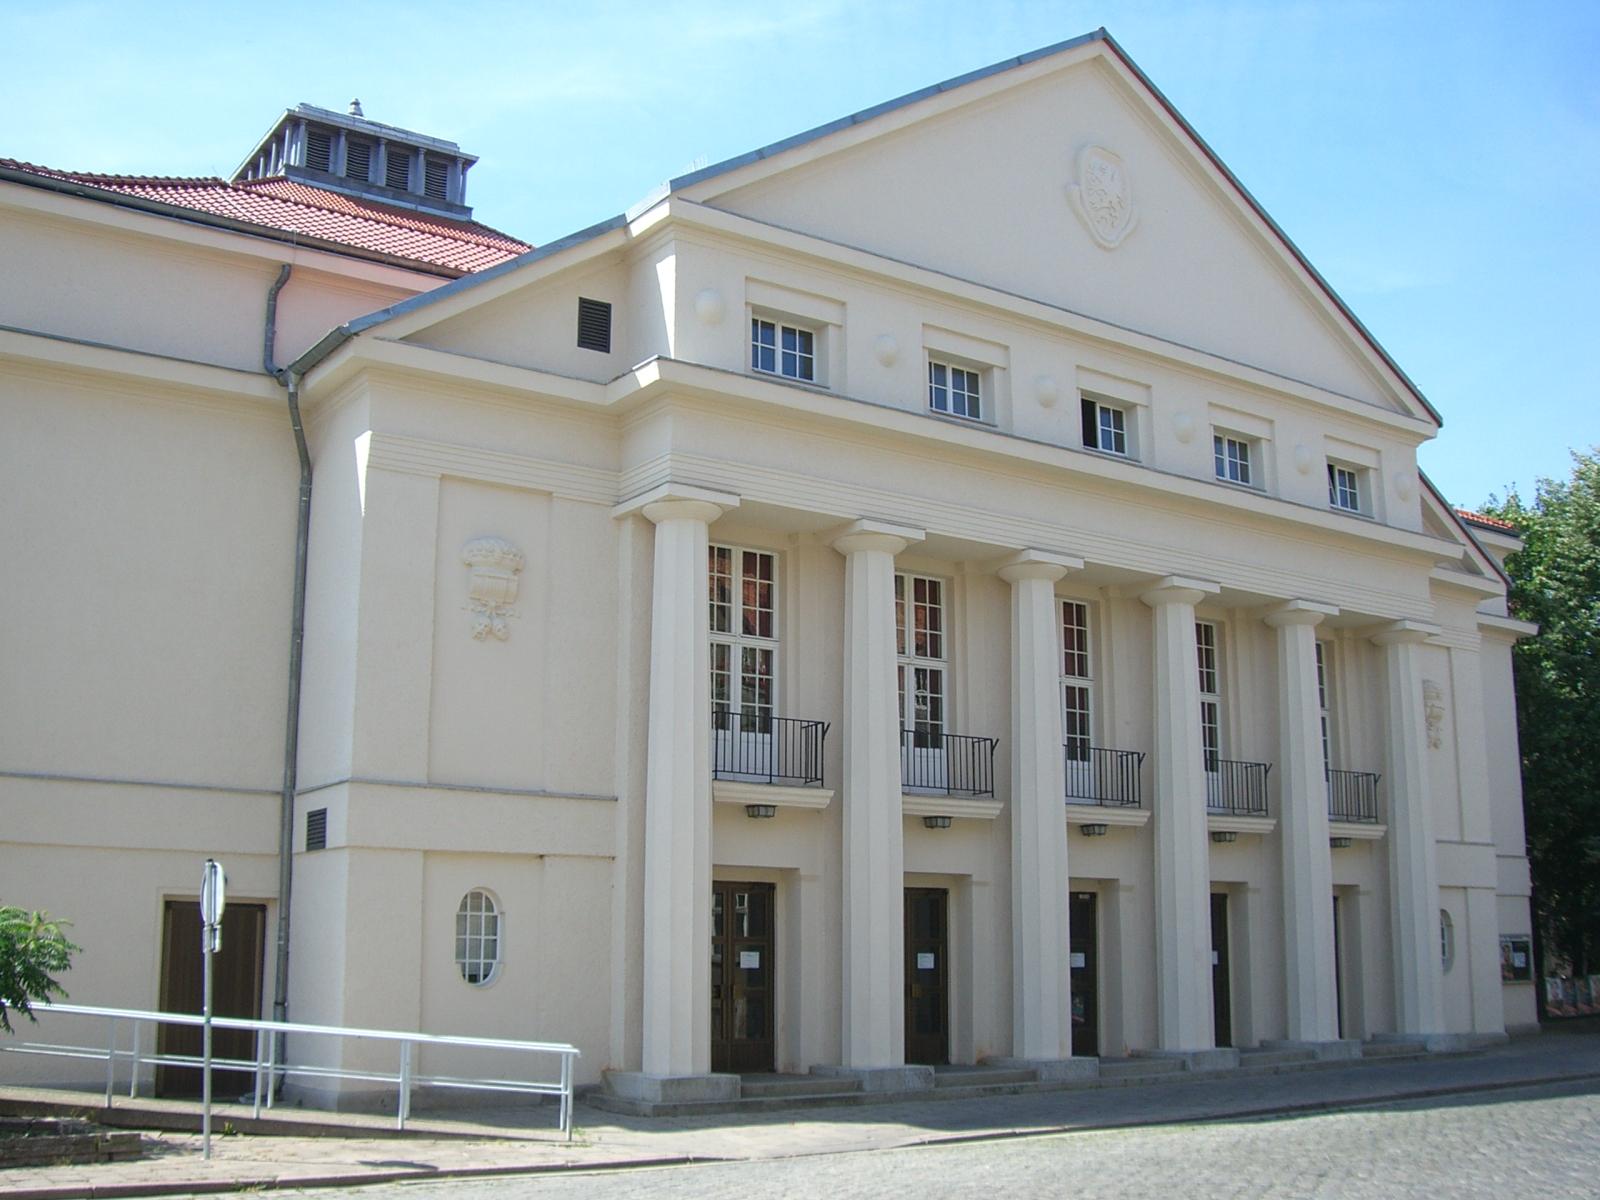 Großes Theater um das Theater Vorpommern